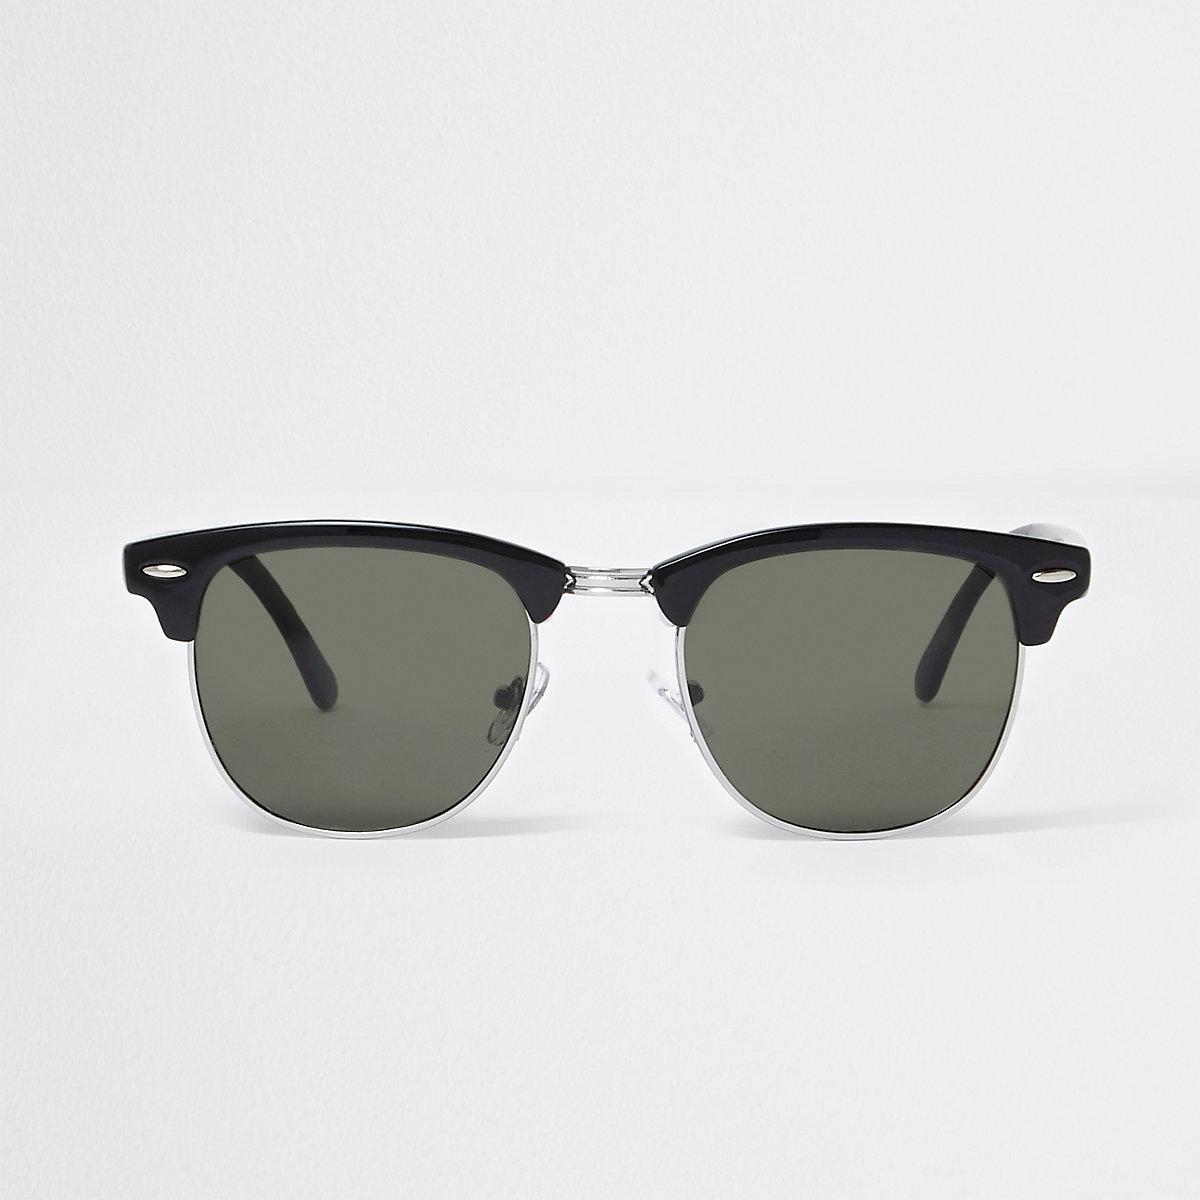 Schwarze Retro-Sonnenbrille